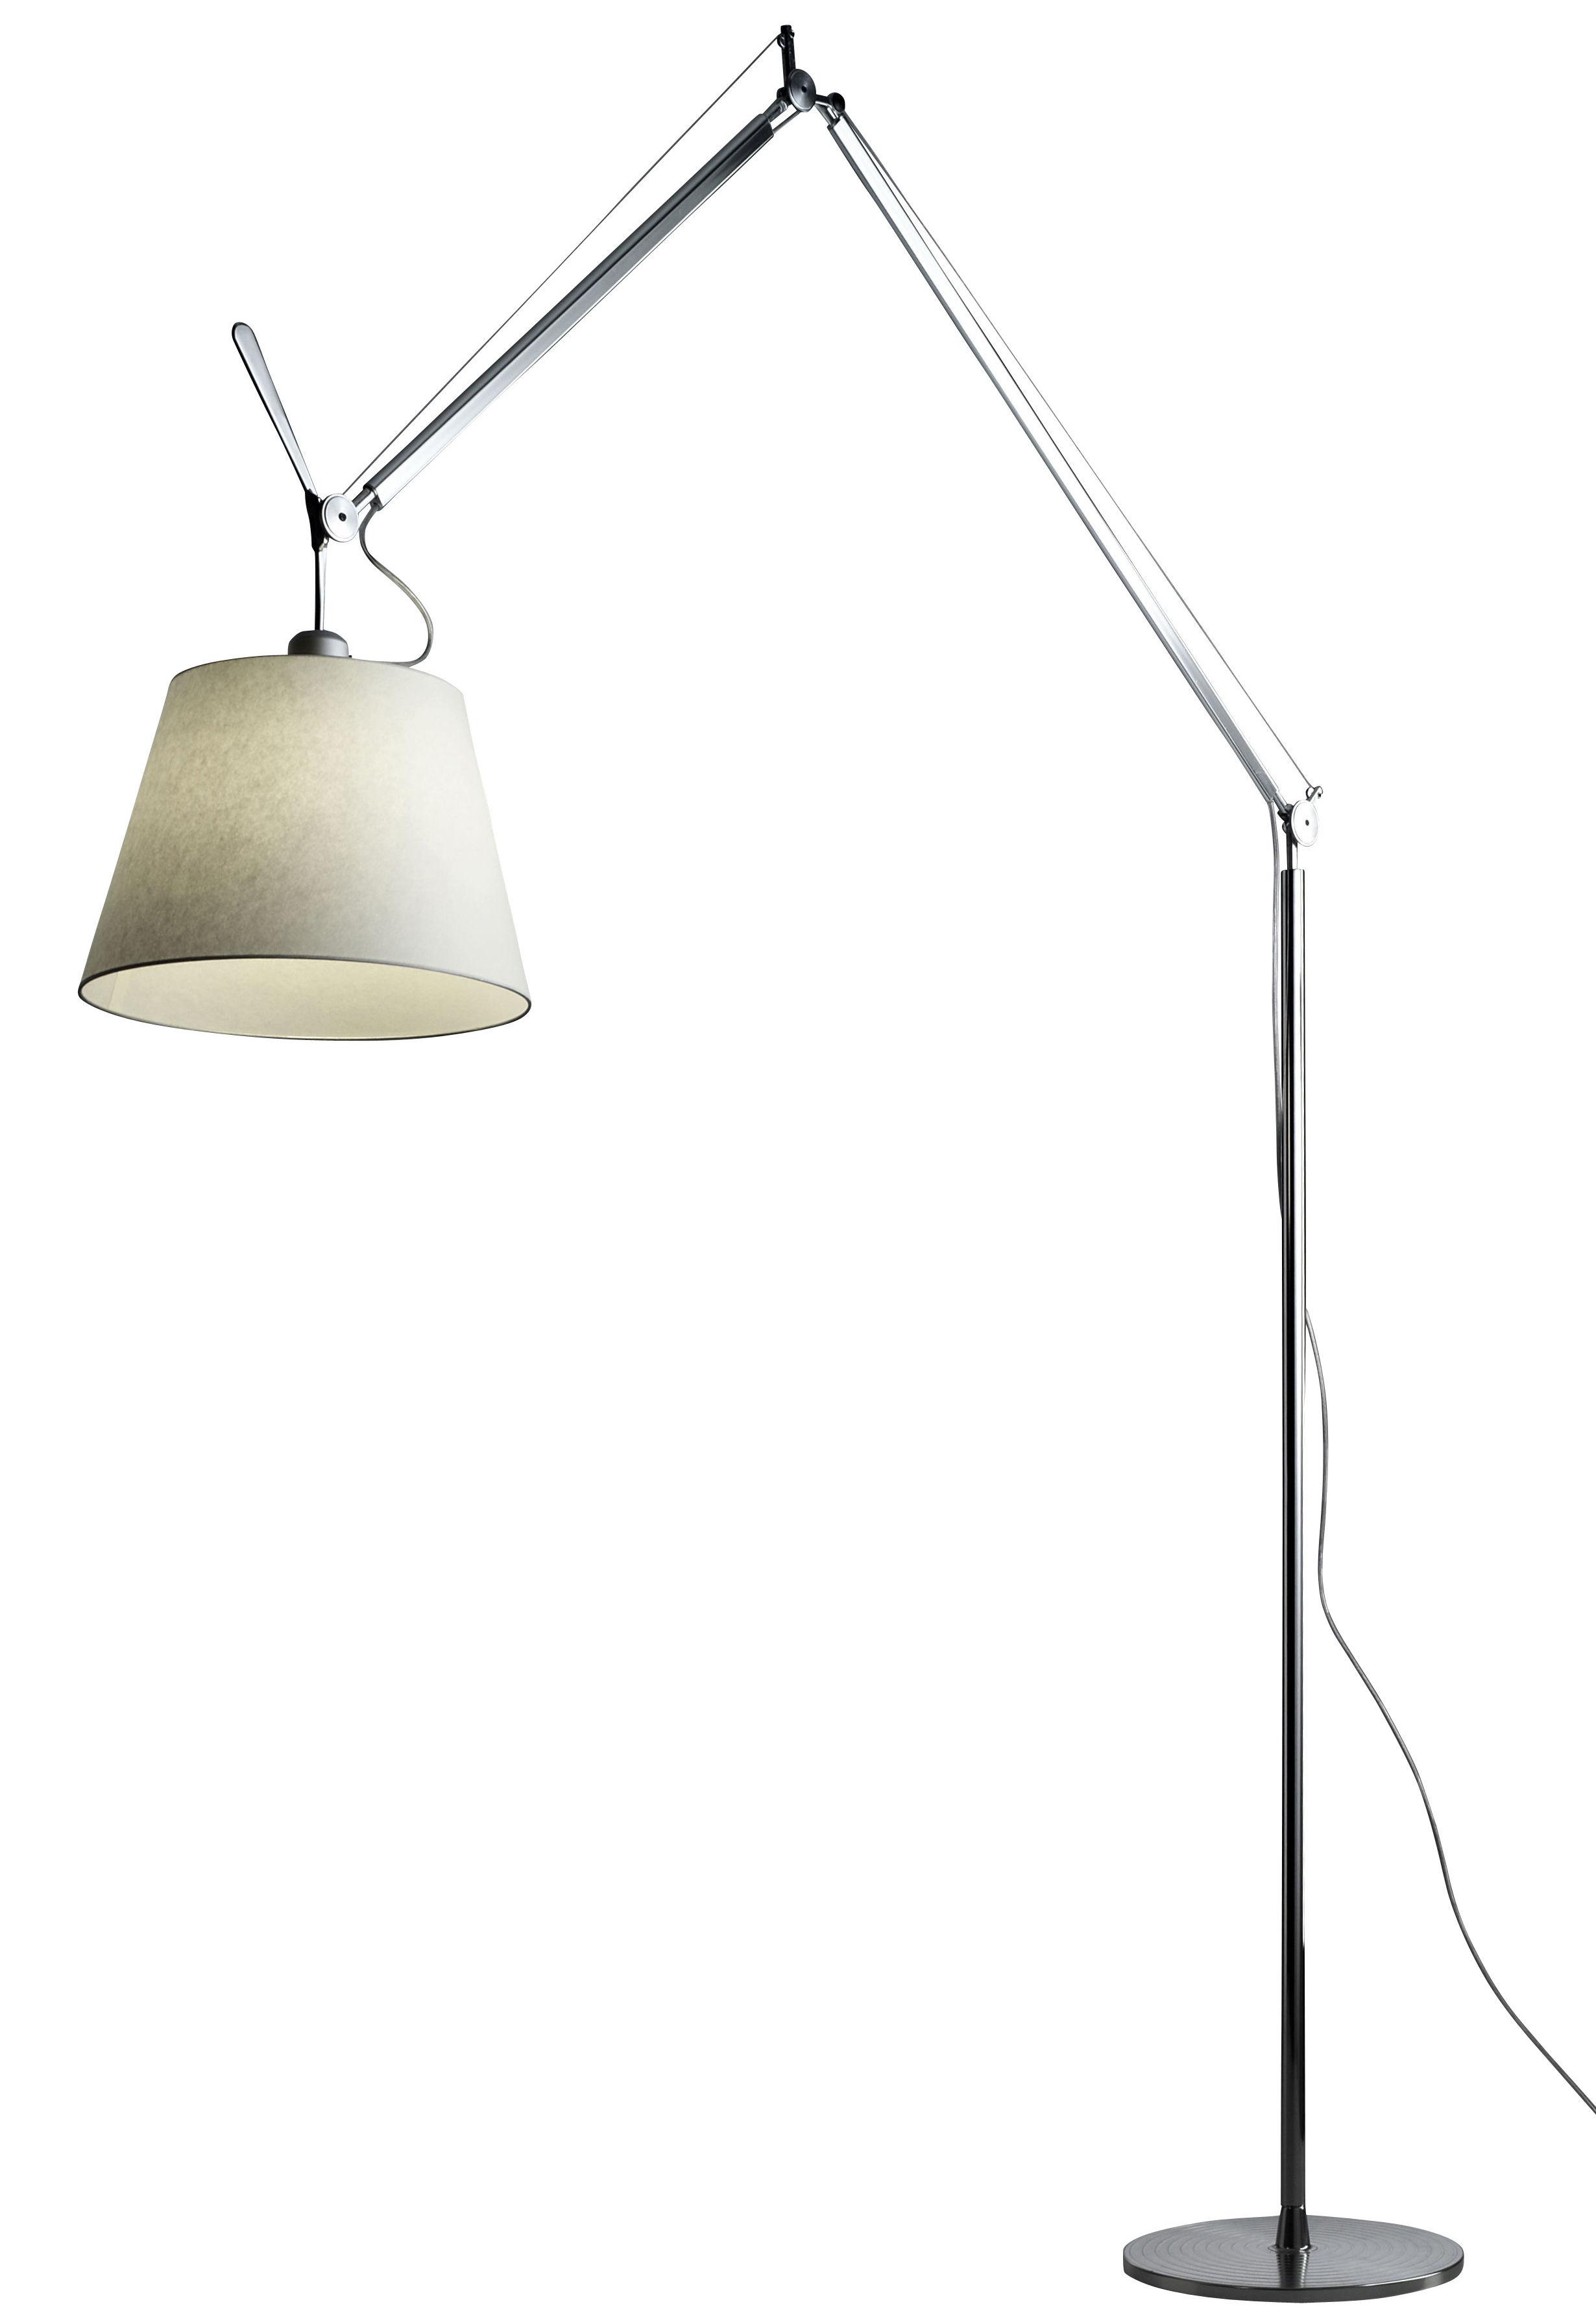 Leuchten - Stehleuchten - Tolomeo Mega LED Stehleuchte / H 148 bis 327 cm - Artemide - Lampenschirm Ø 36 cm / naturfarben - Pergamentpapier, poliertes Aluminium